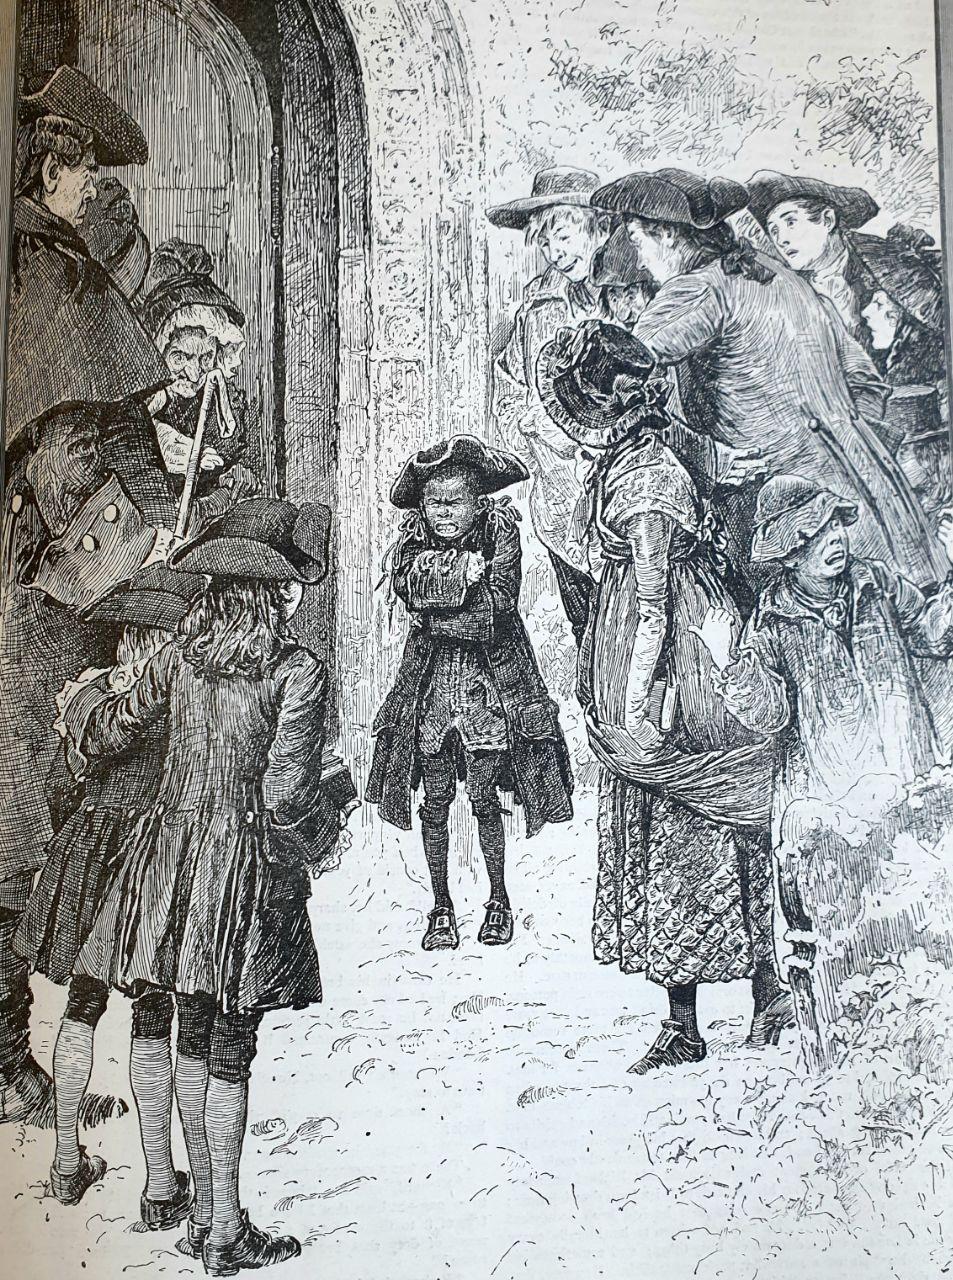 ego-pervoe-rozhdestvo-v-anglii-christmas-chatterbox-london-1889